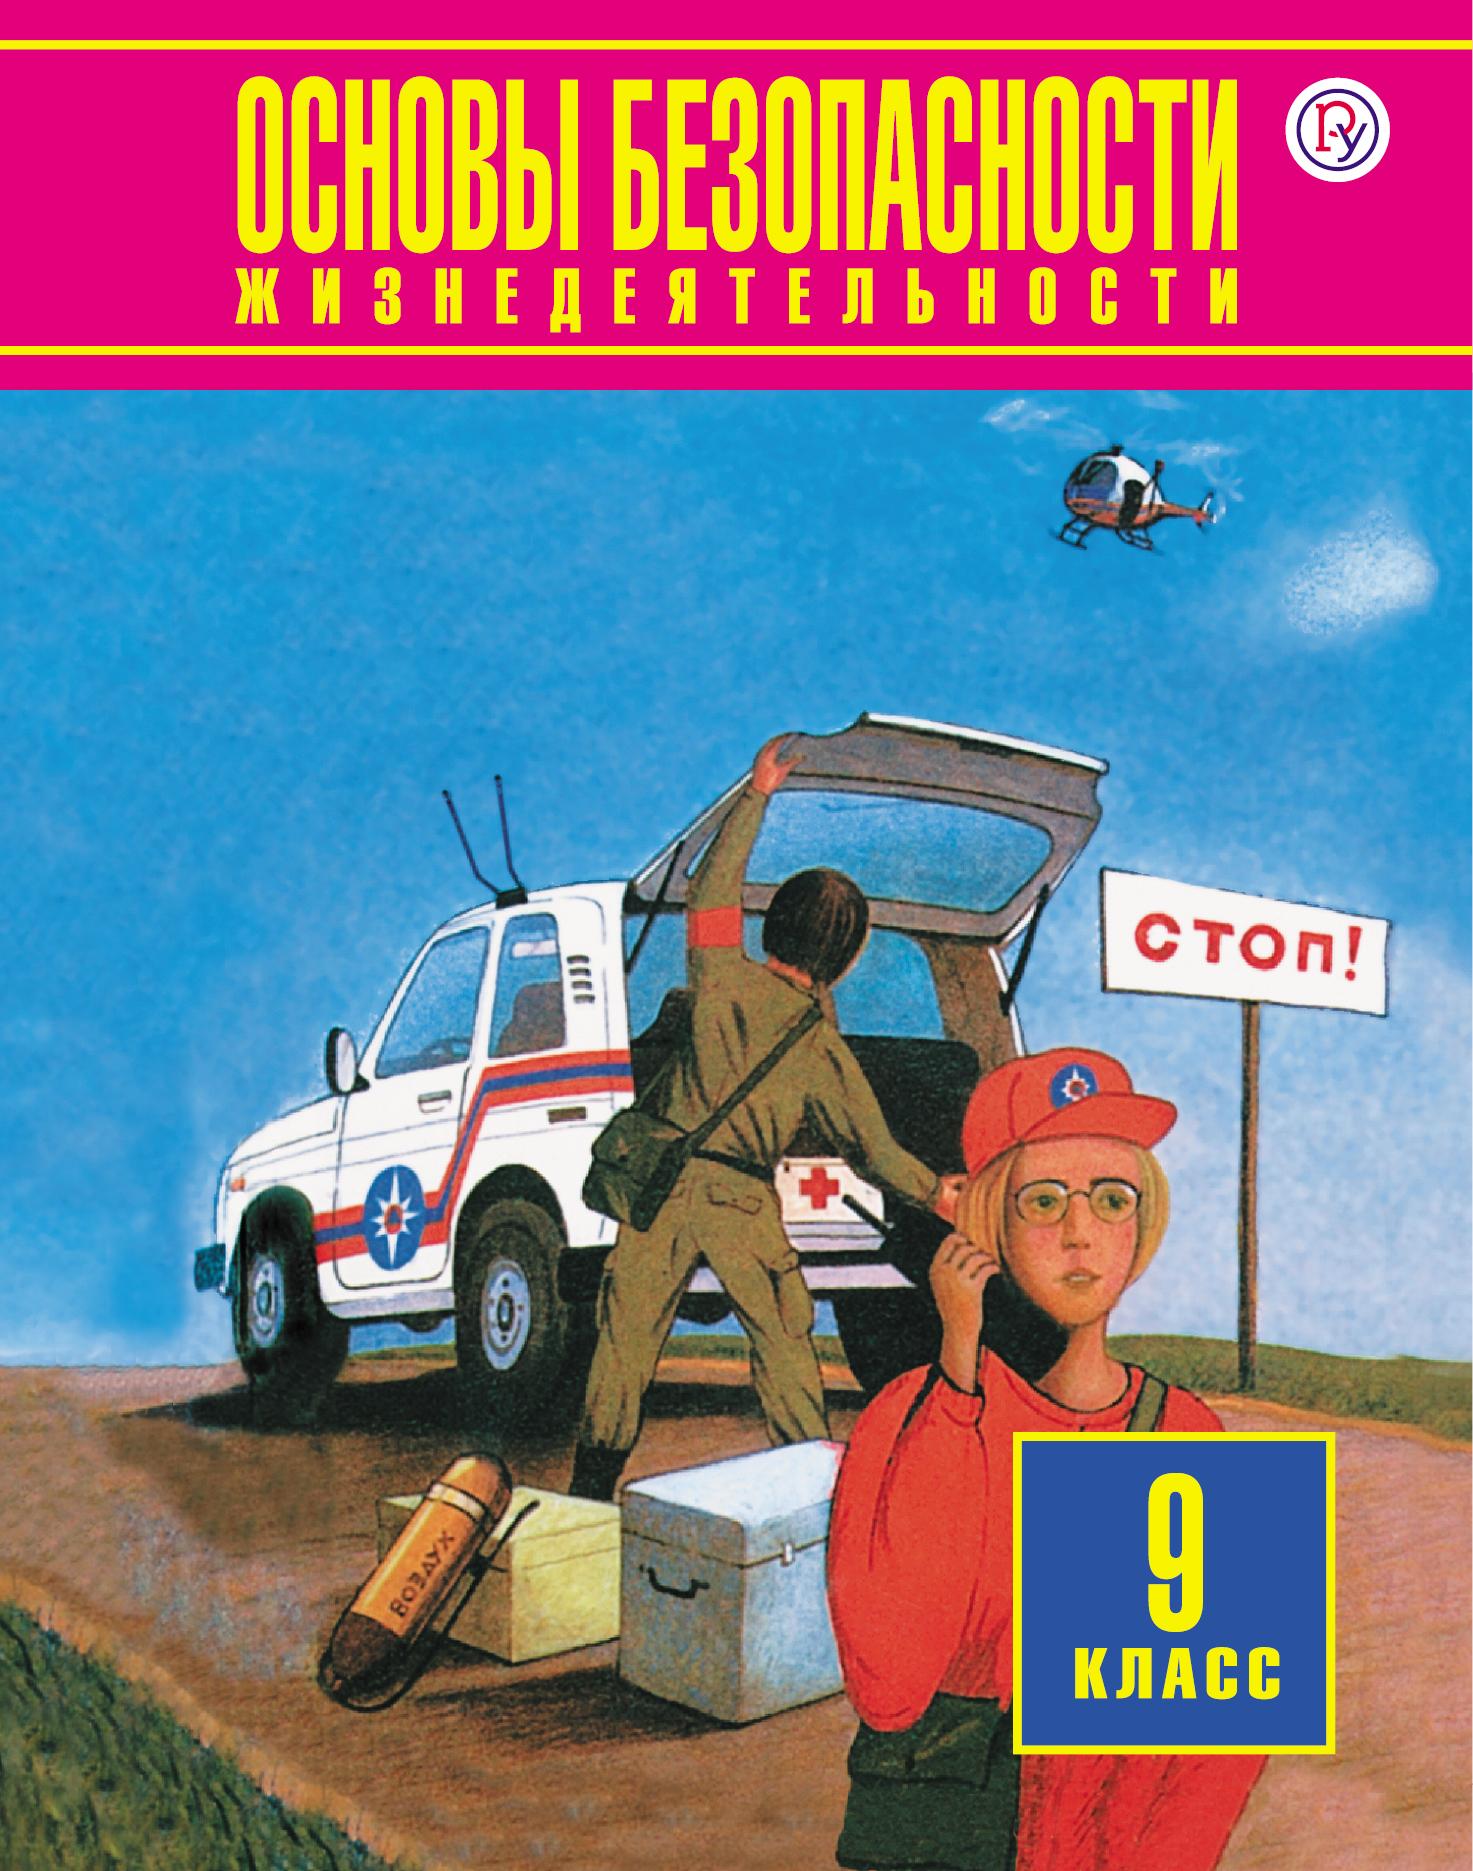 Б. И. Мишин Основы безопасности жизнедеятельности. 9 класс ISBN: 978-5-271-41032-1 б и мишин основы безопасности жизнедеятельности 7 класс